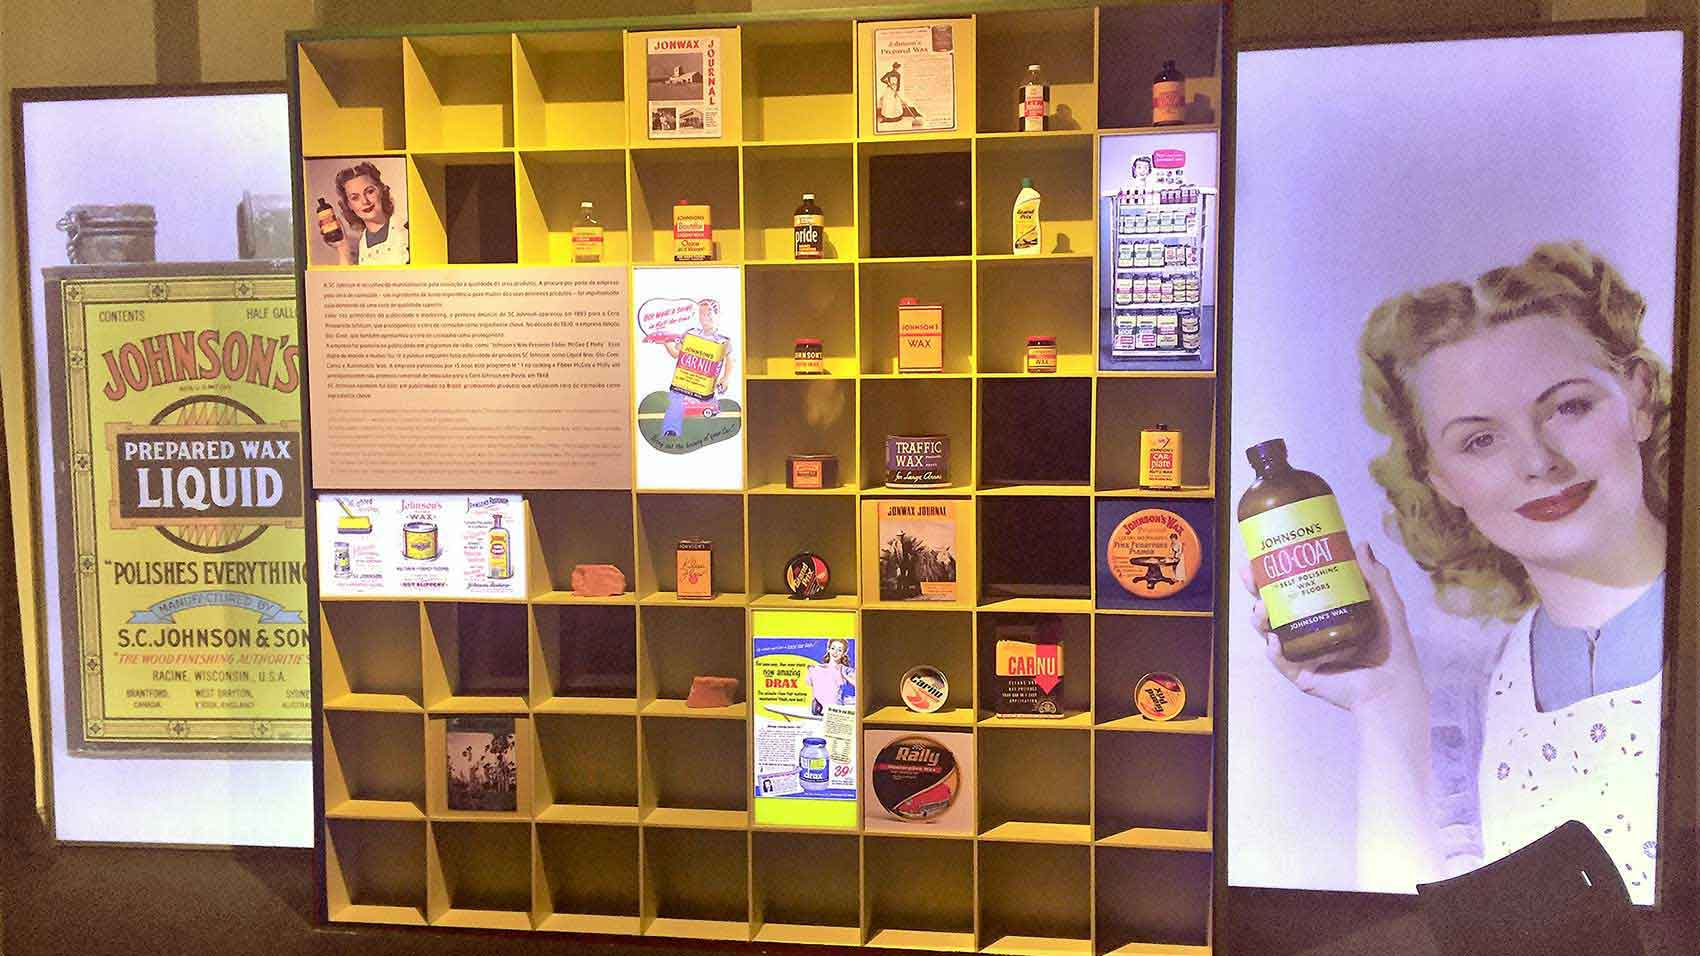 Tentoonstelling met Johnson Wax-producten die Carnaúba Wax bevatten.